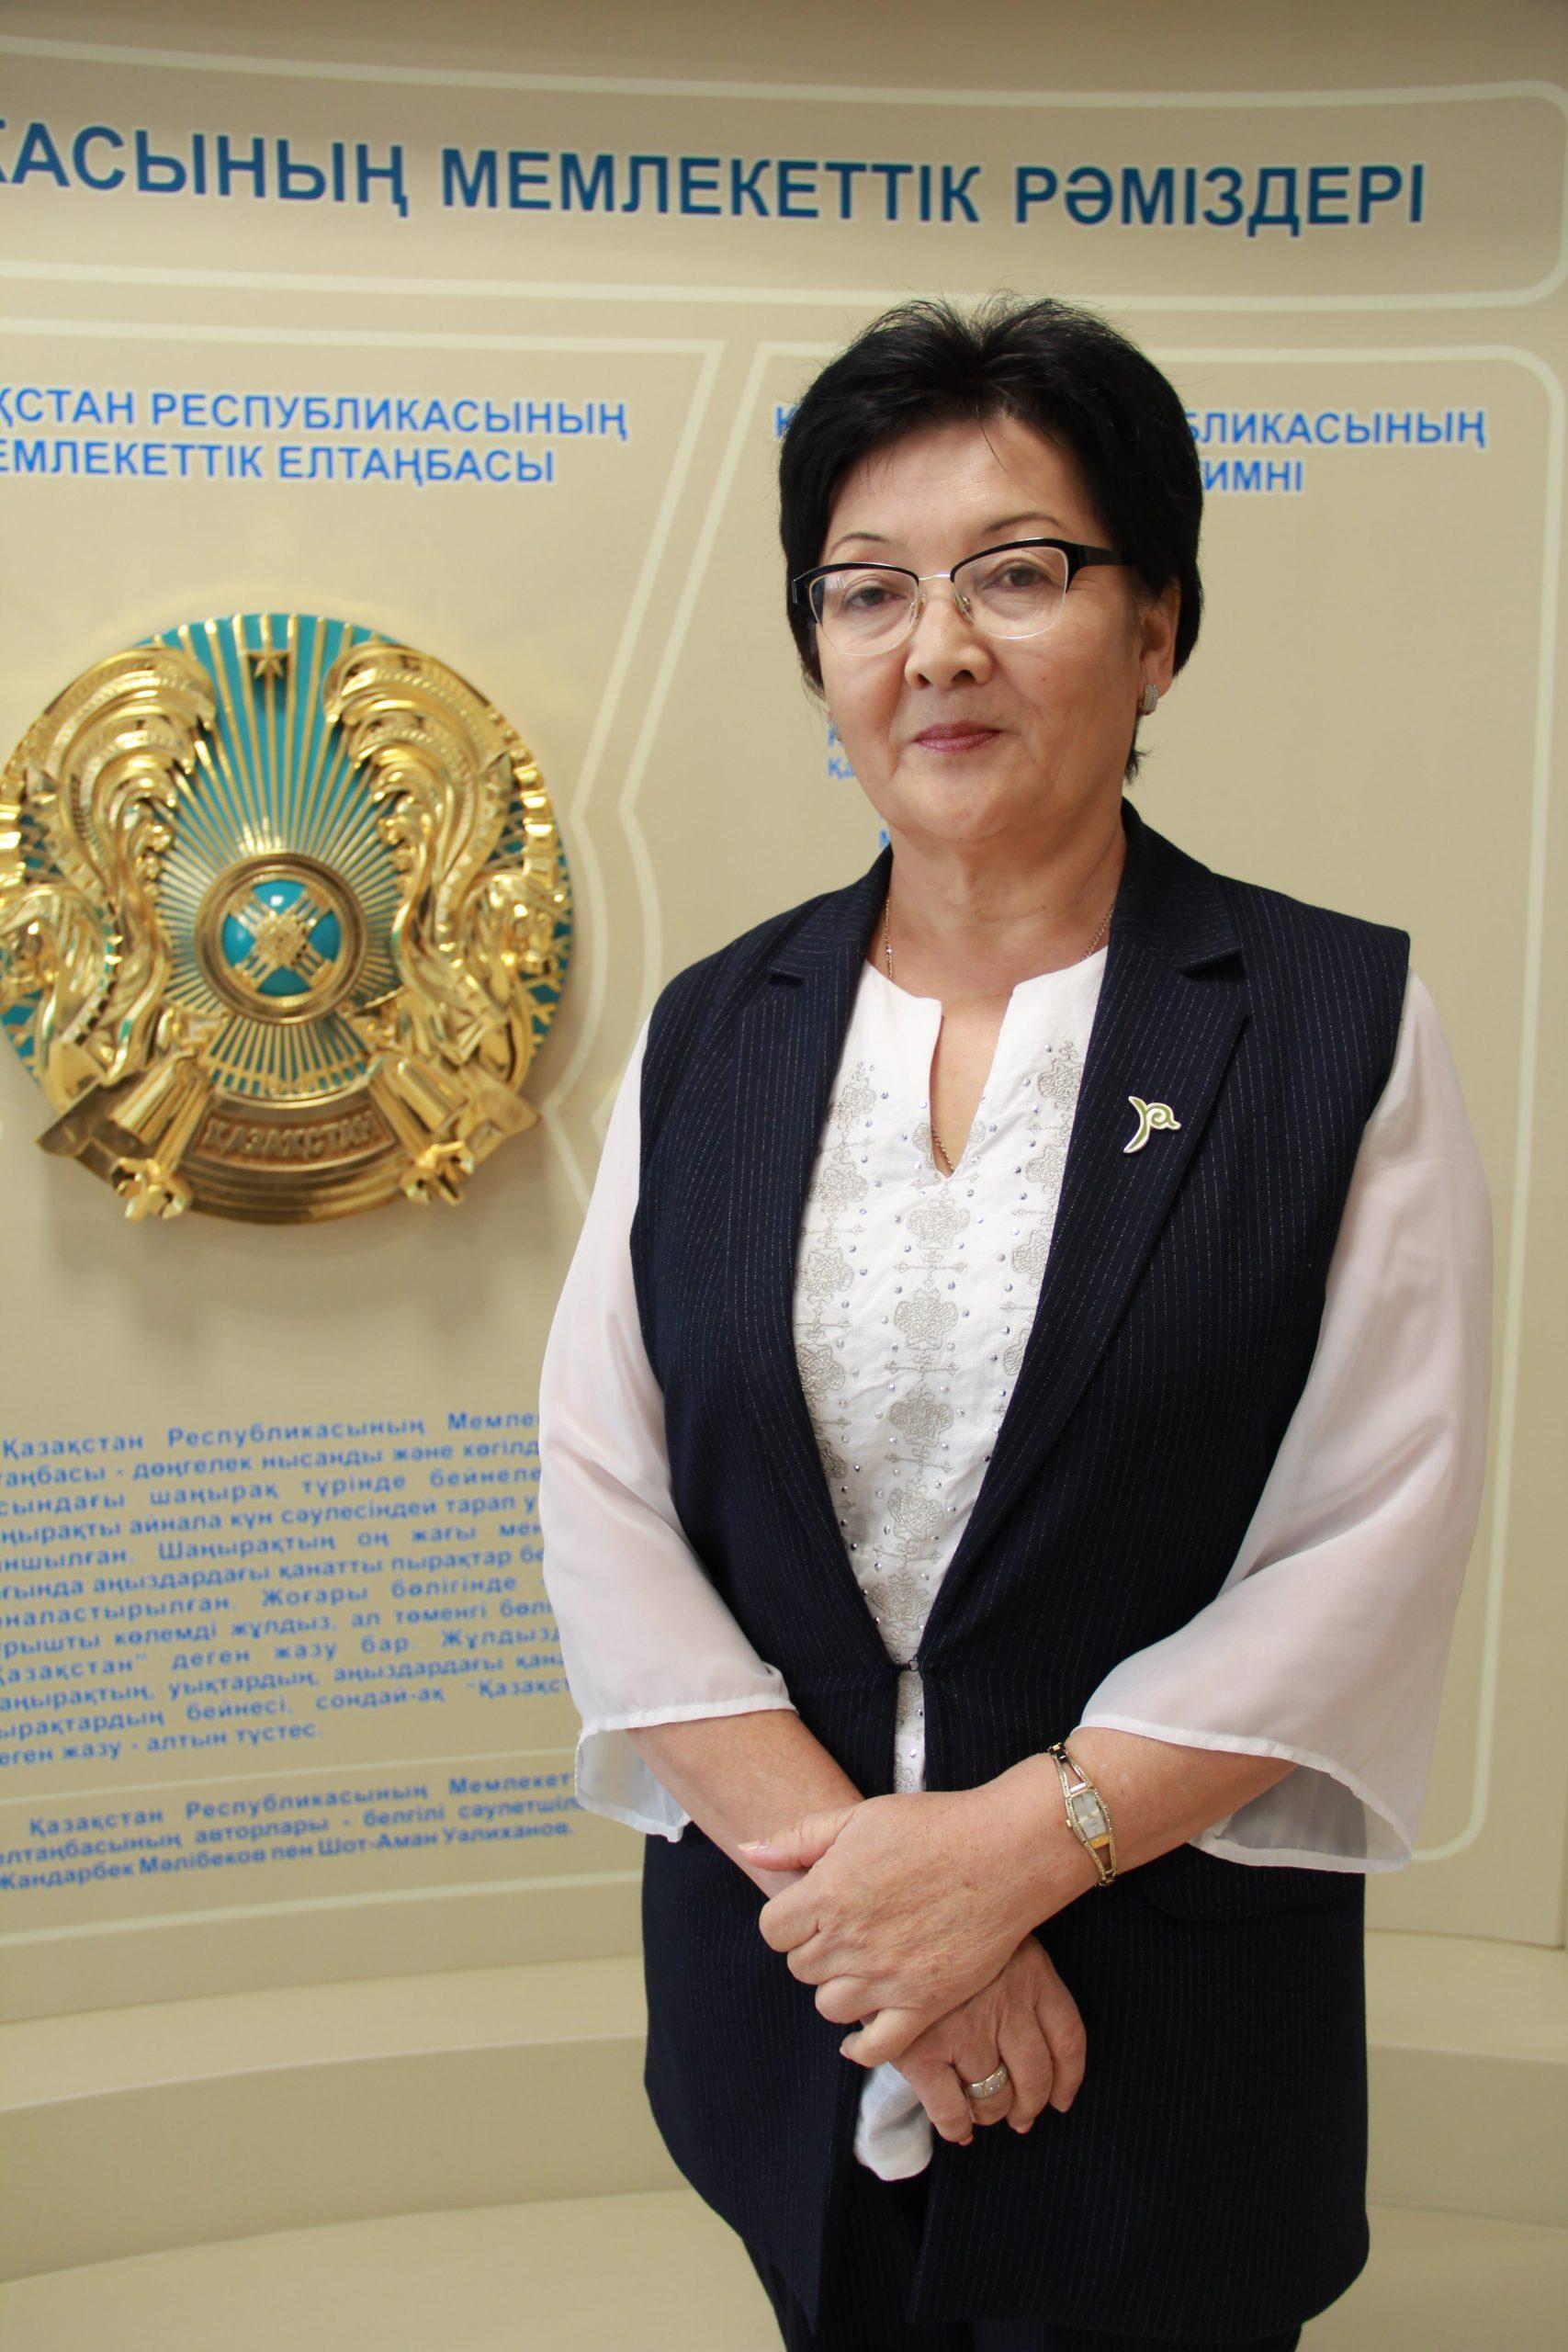 Ахметова Сауле Рамазановна